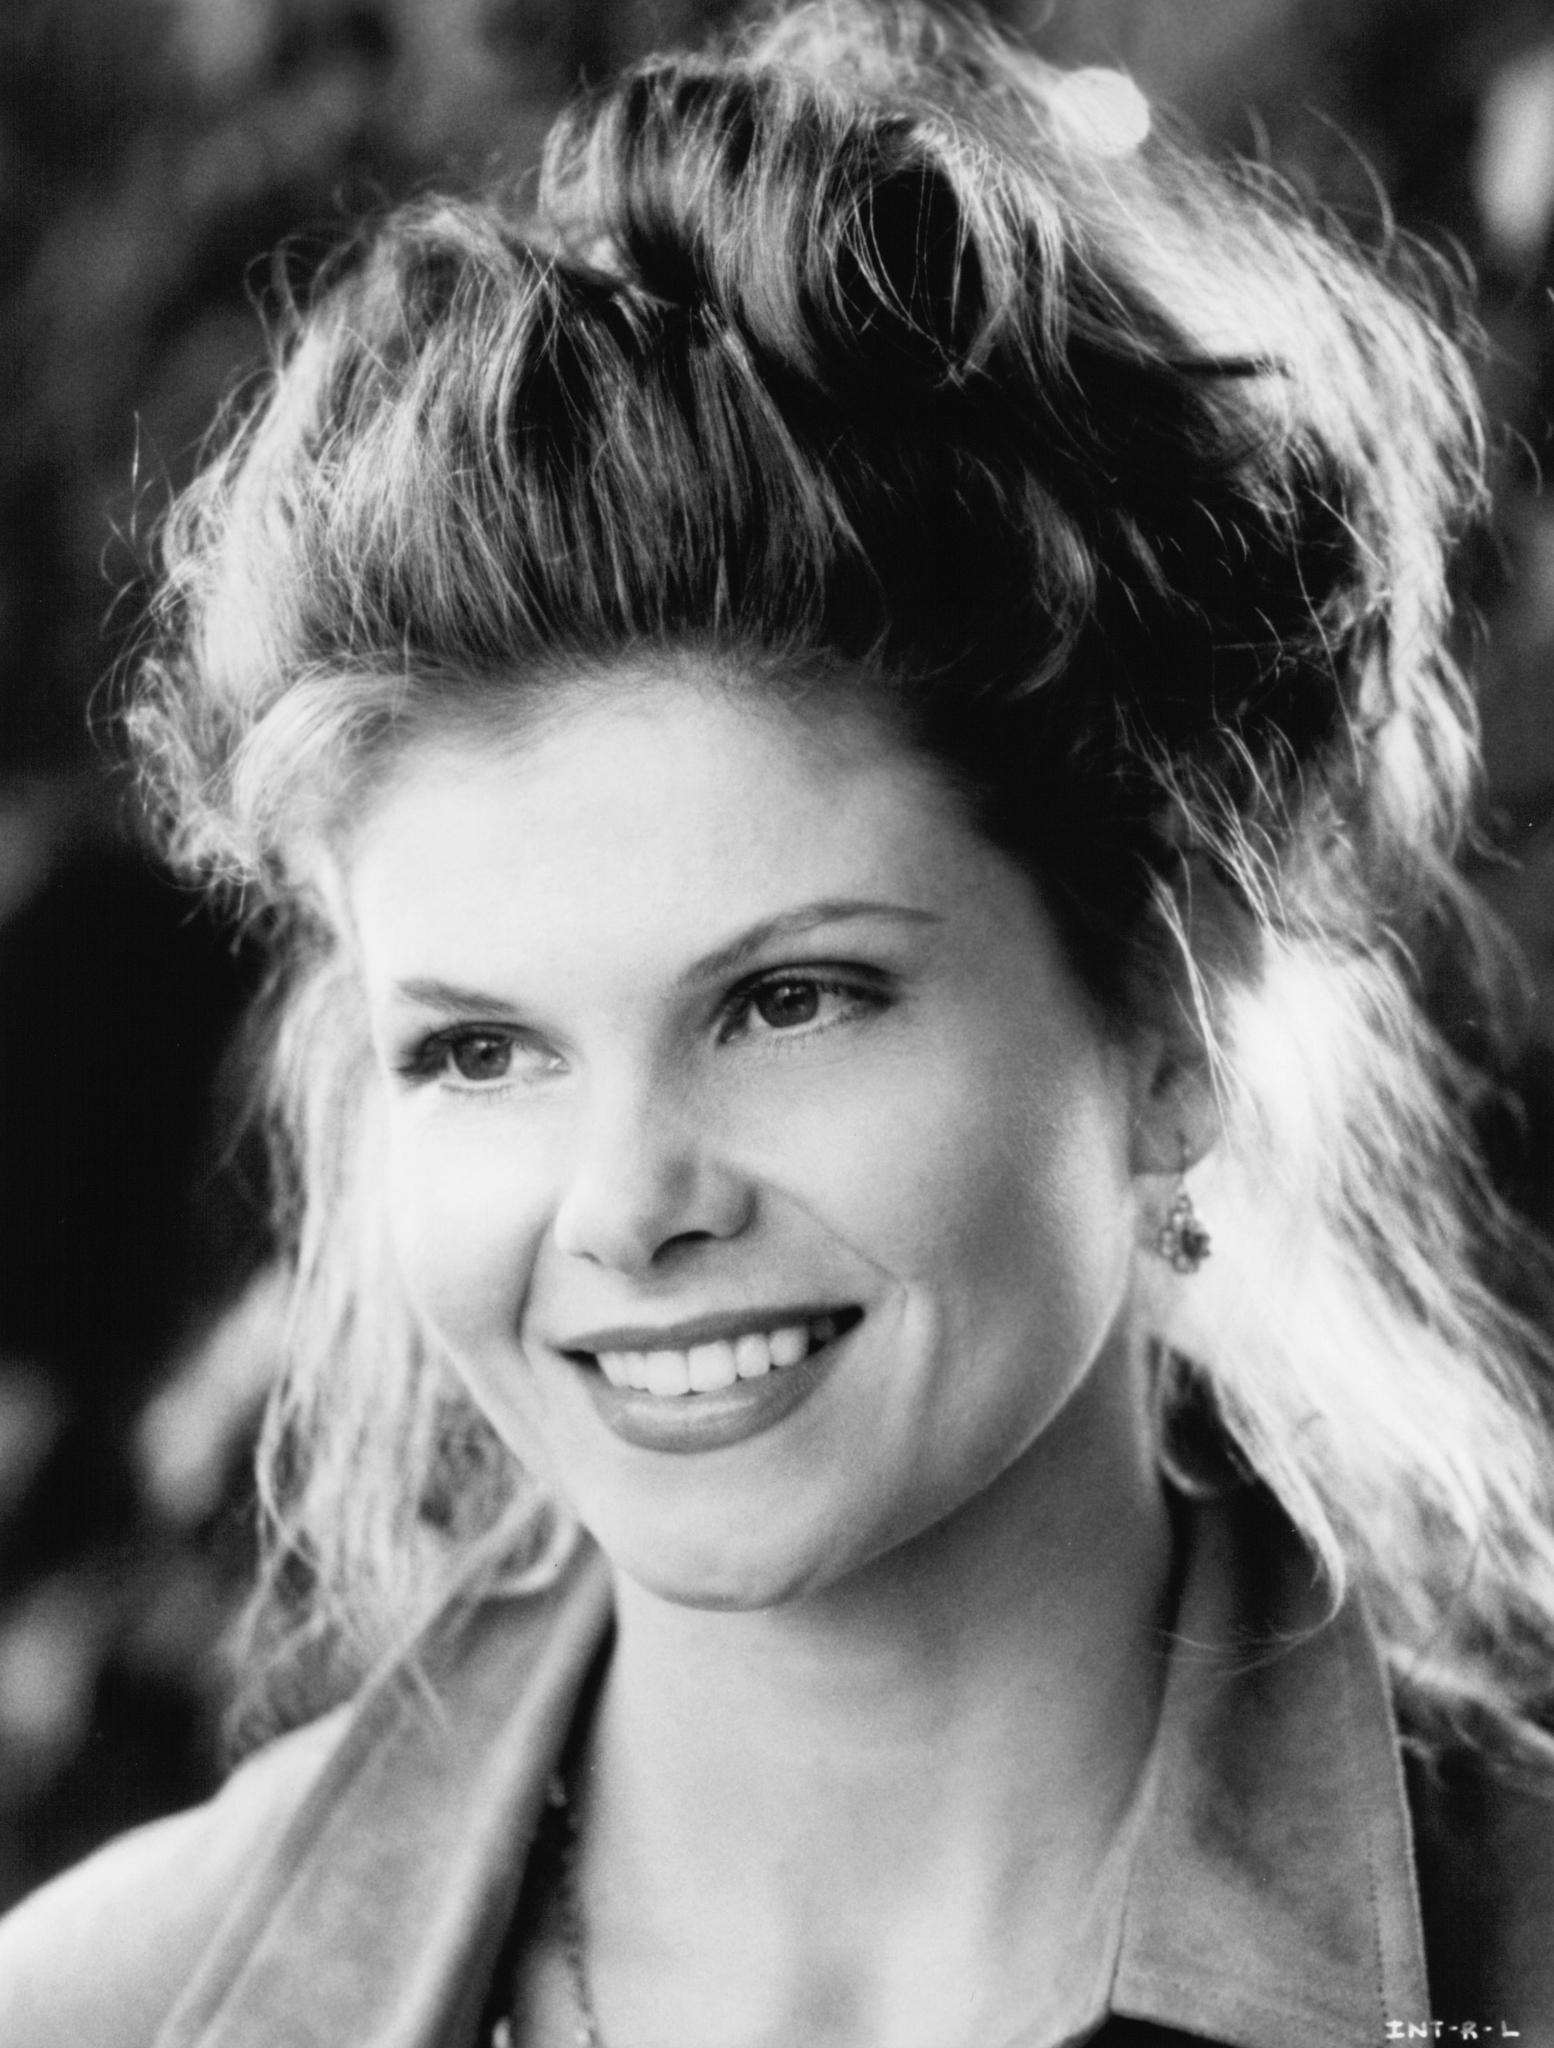 Lolita Davidovich in Intersection (1994)